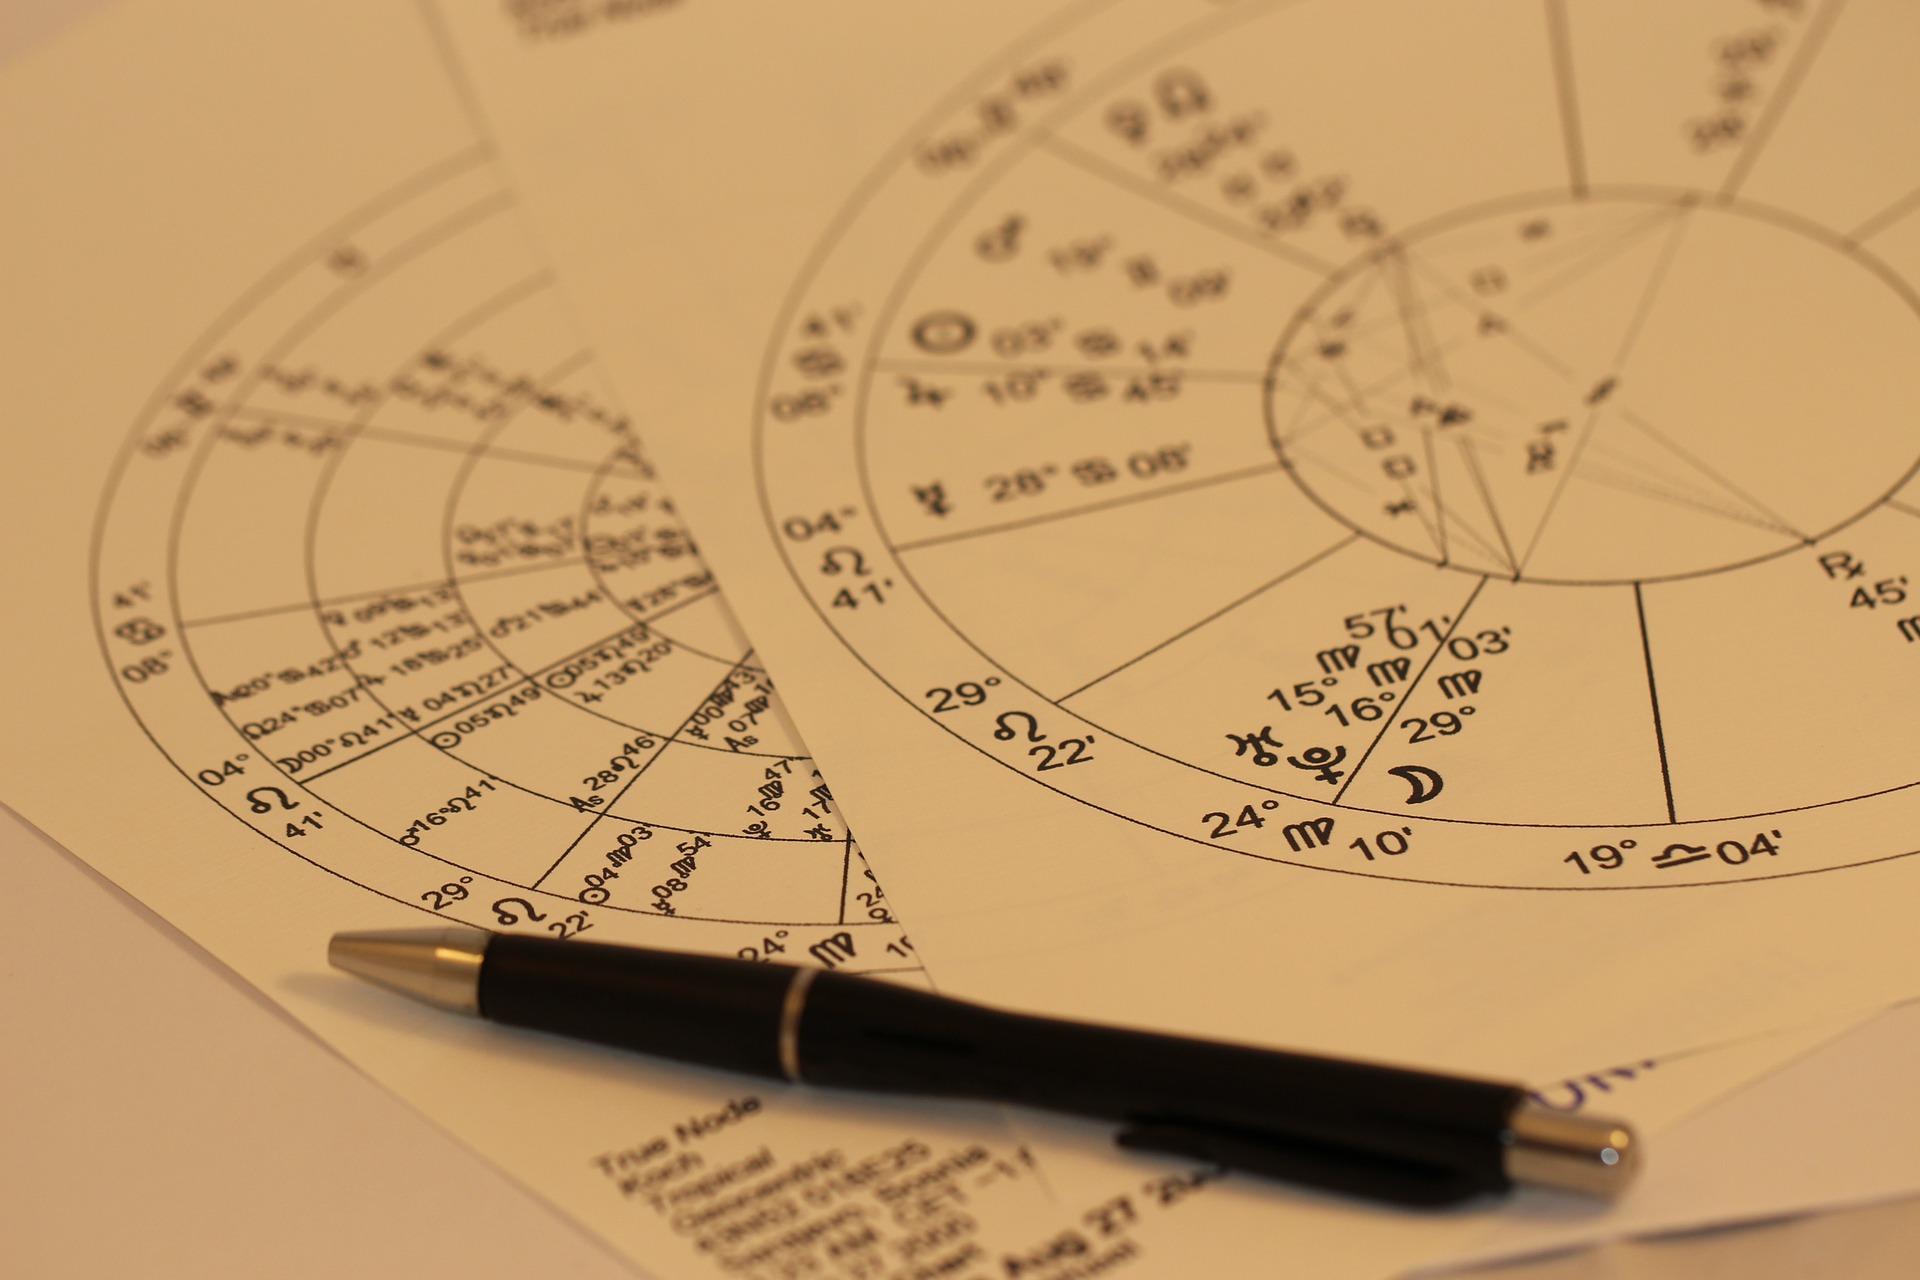 【体験談】ココナラでインド占星術の鑑定を受けたときの話。